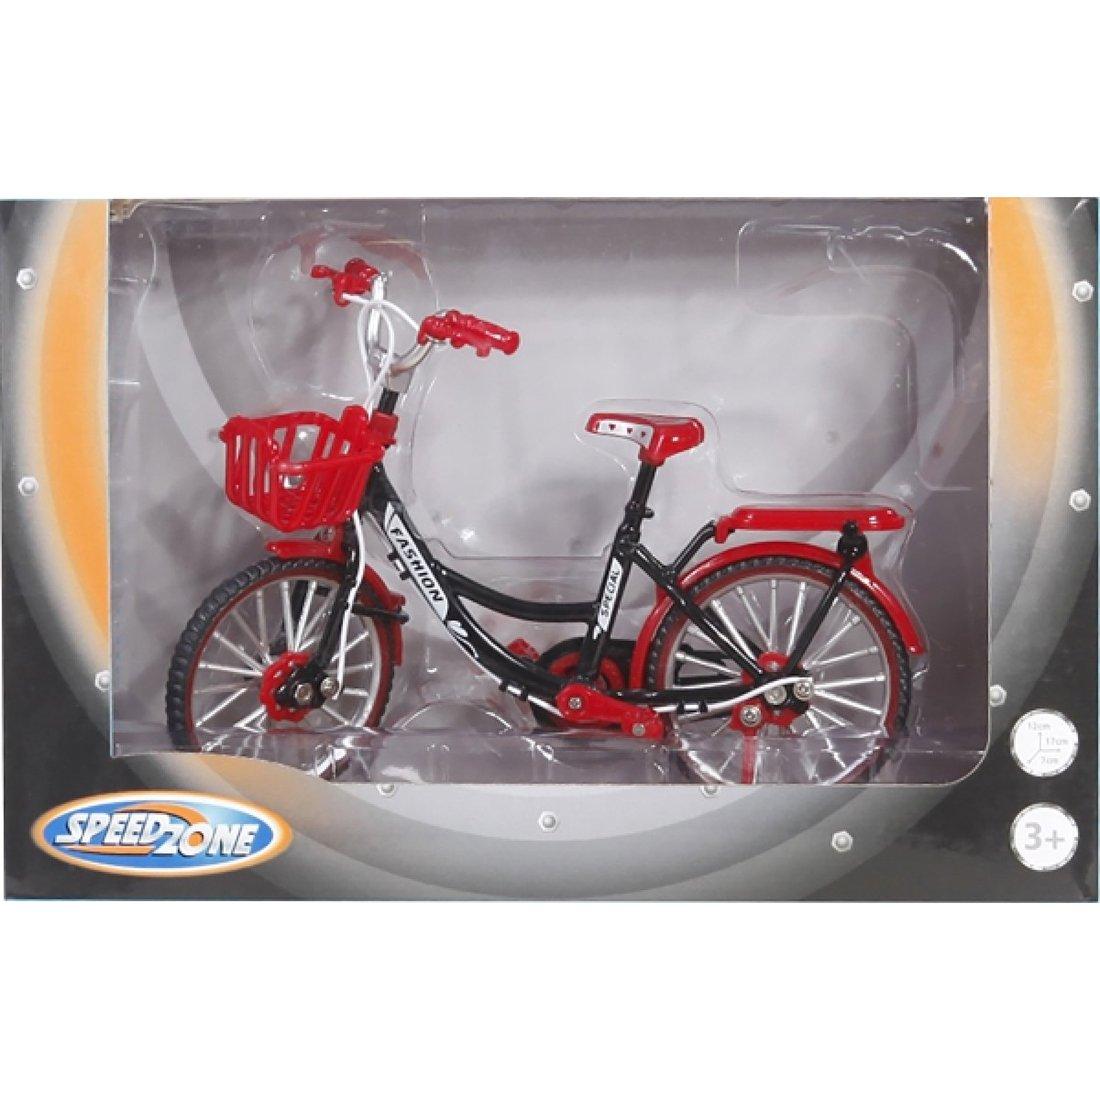 Fahrrad mit Tretfunktion Speedzone Fahrradmodell 17x12 cm